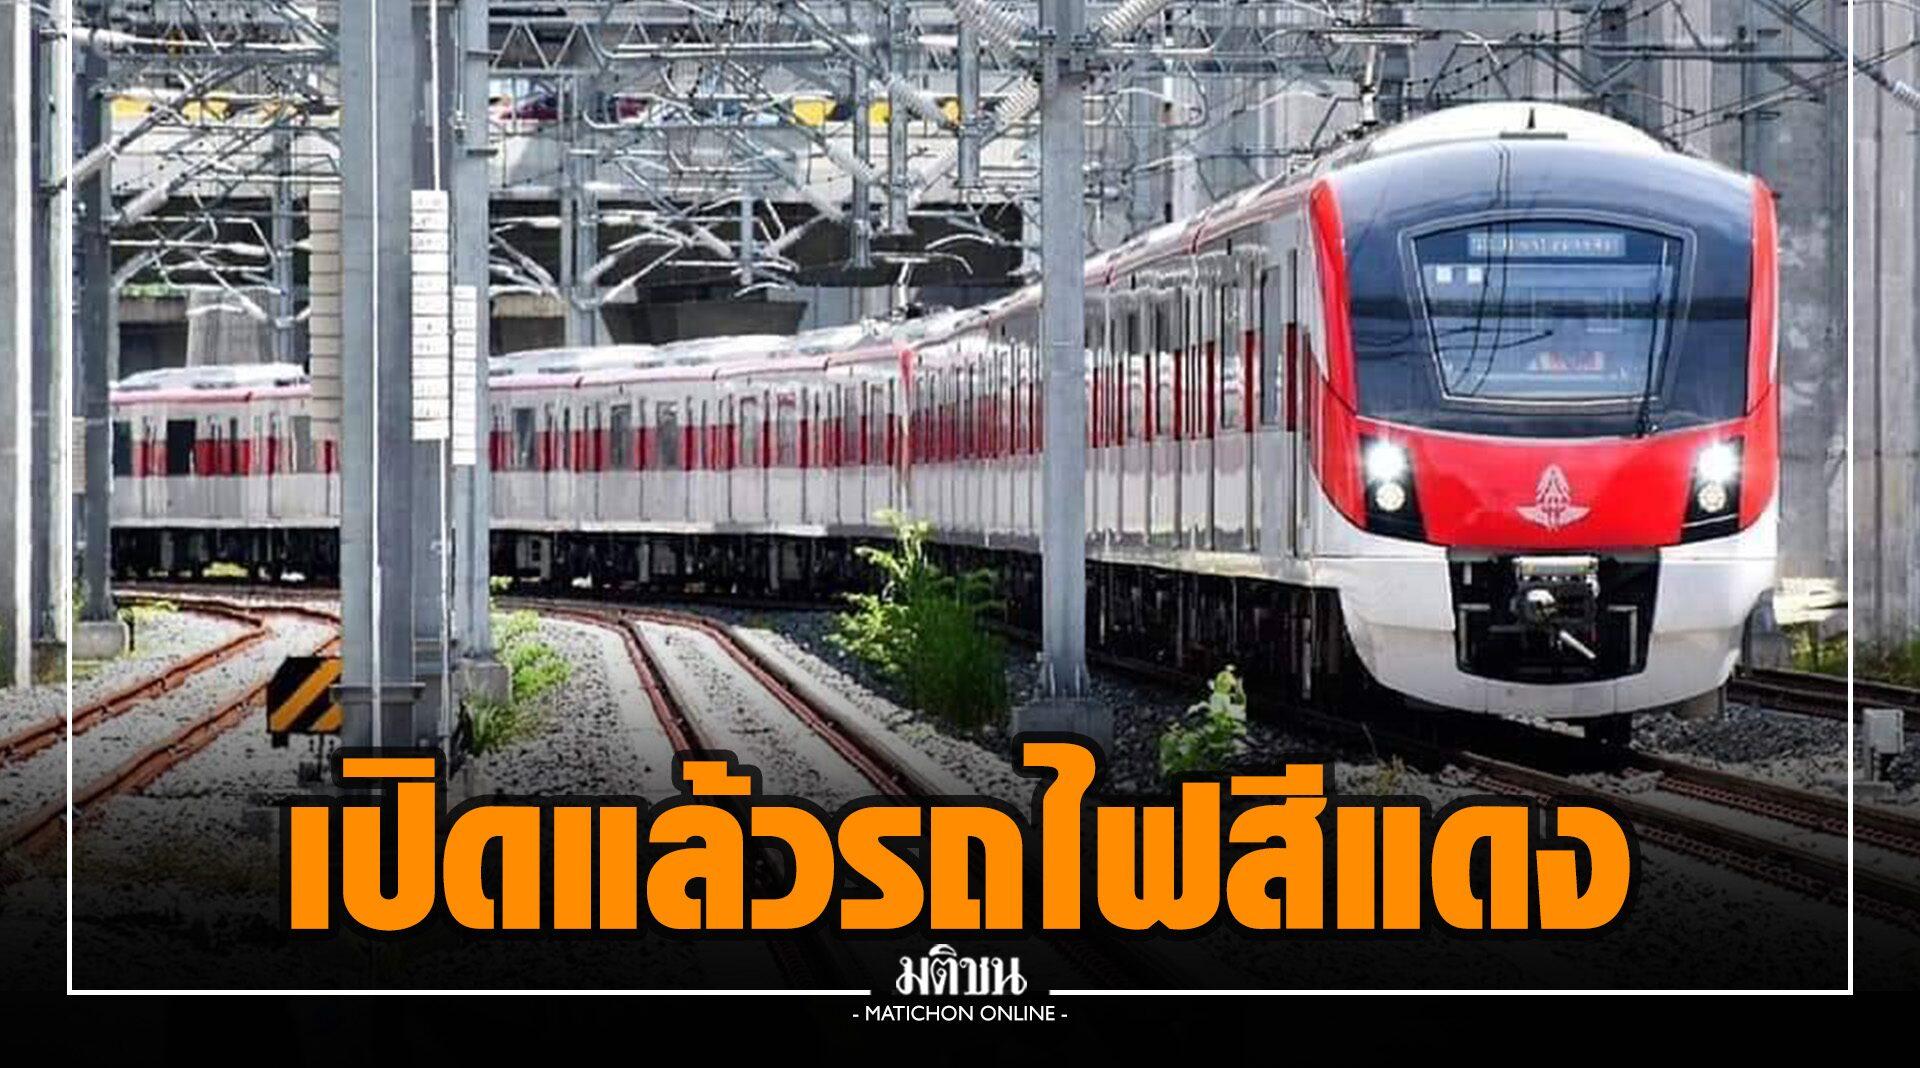 เปิดแล้วรถไฟสีแดง ชวนนั่งฟรี 4 เดือน